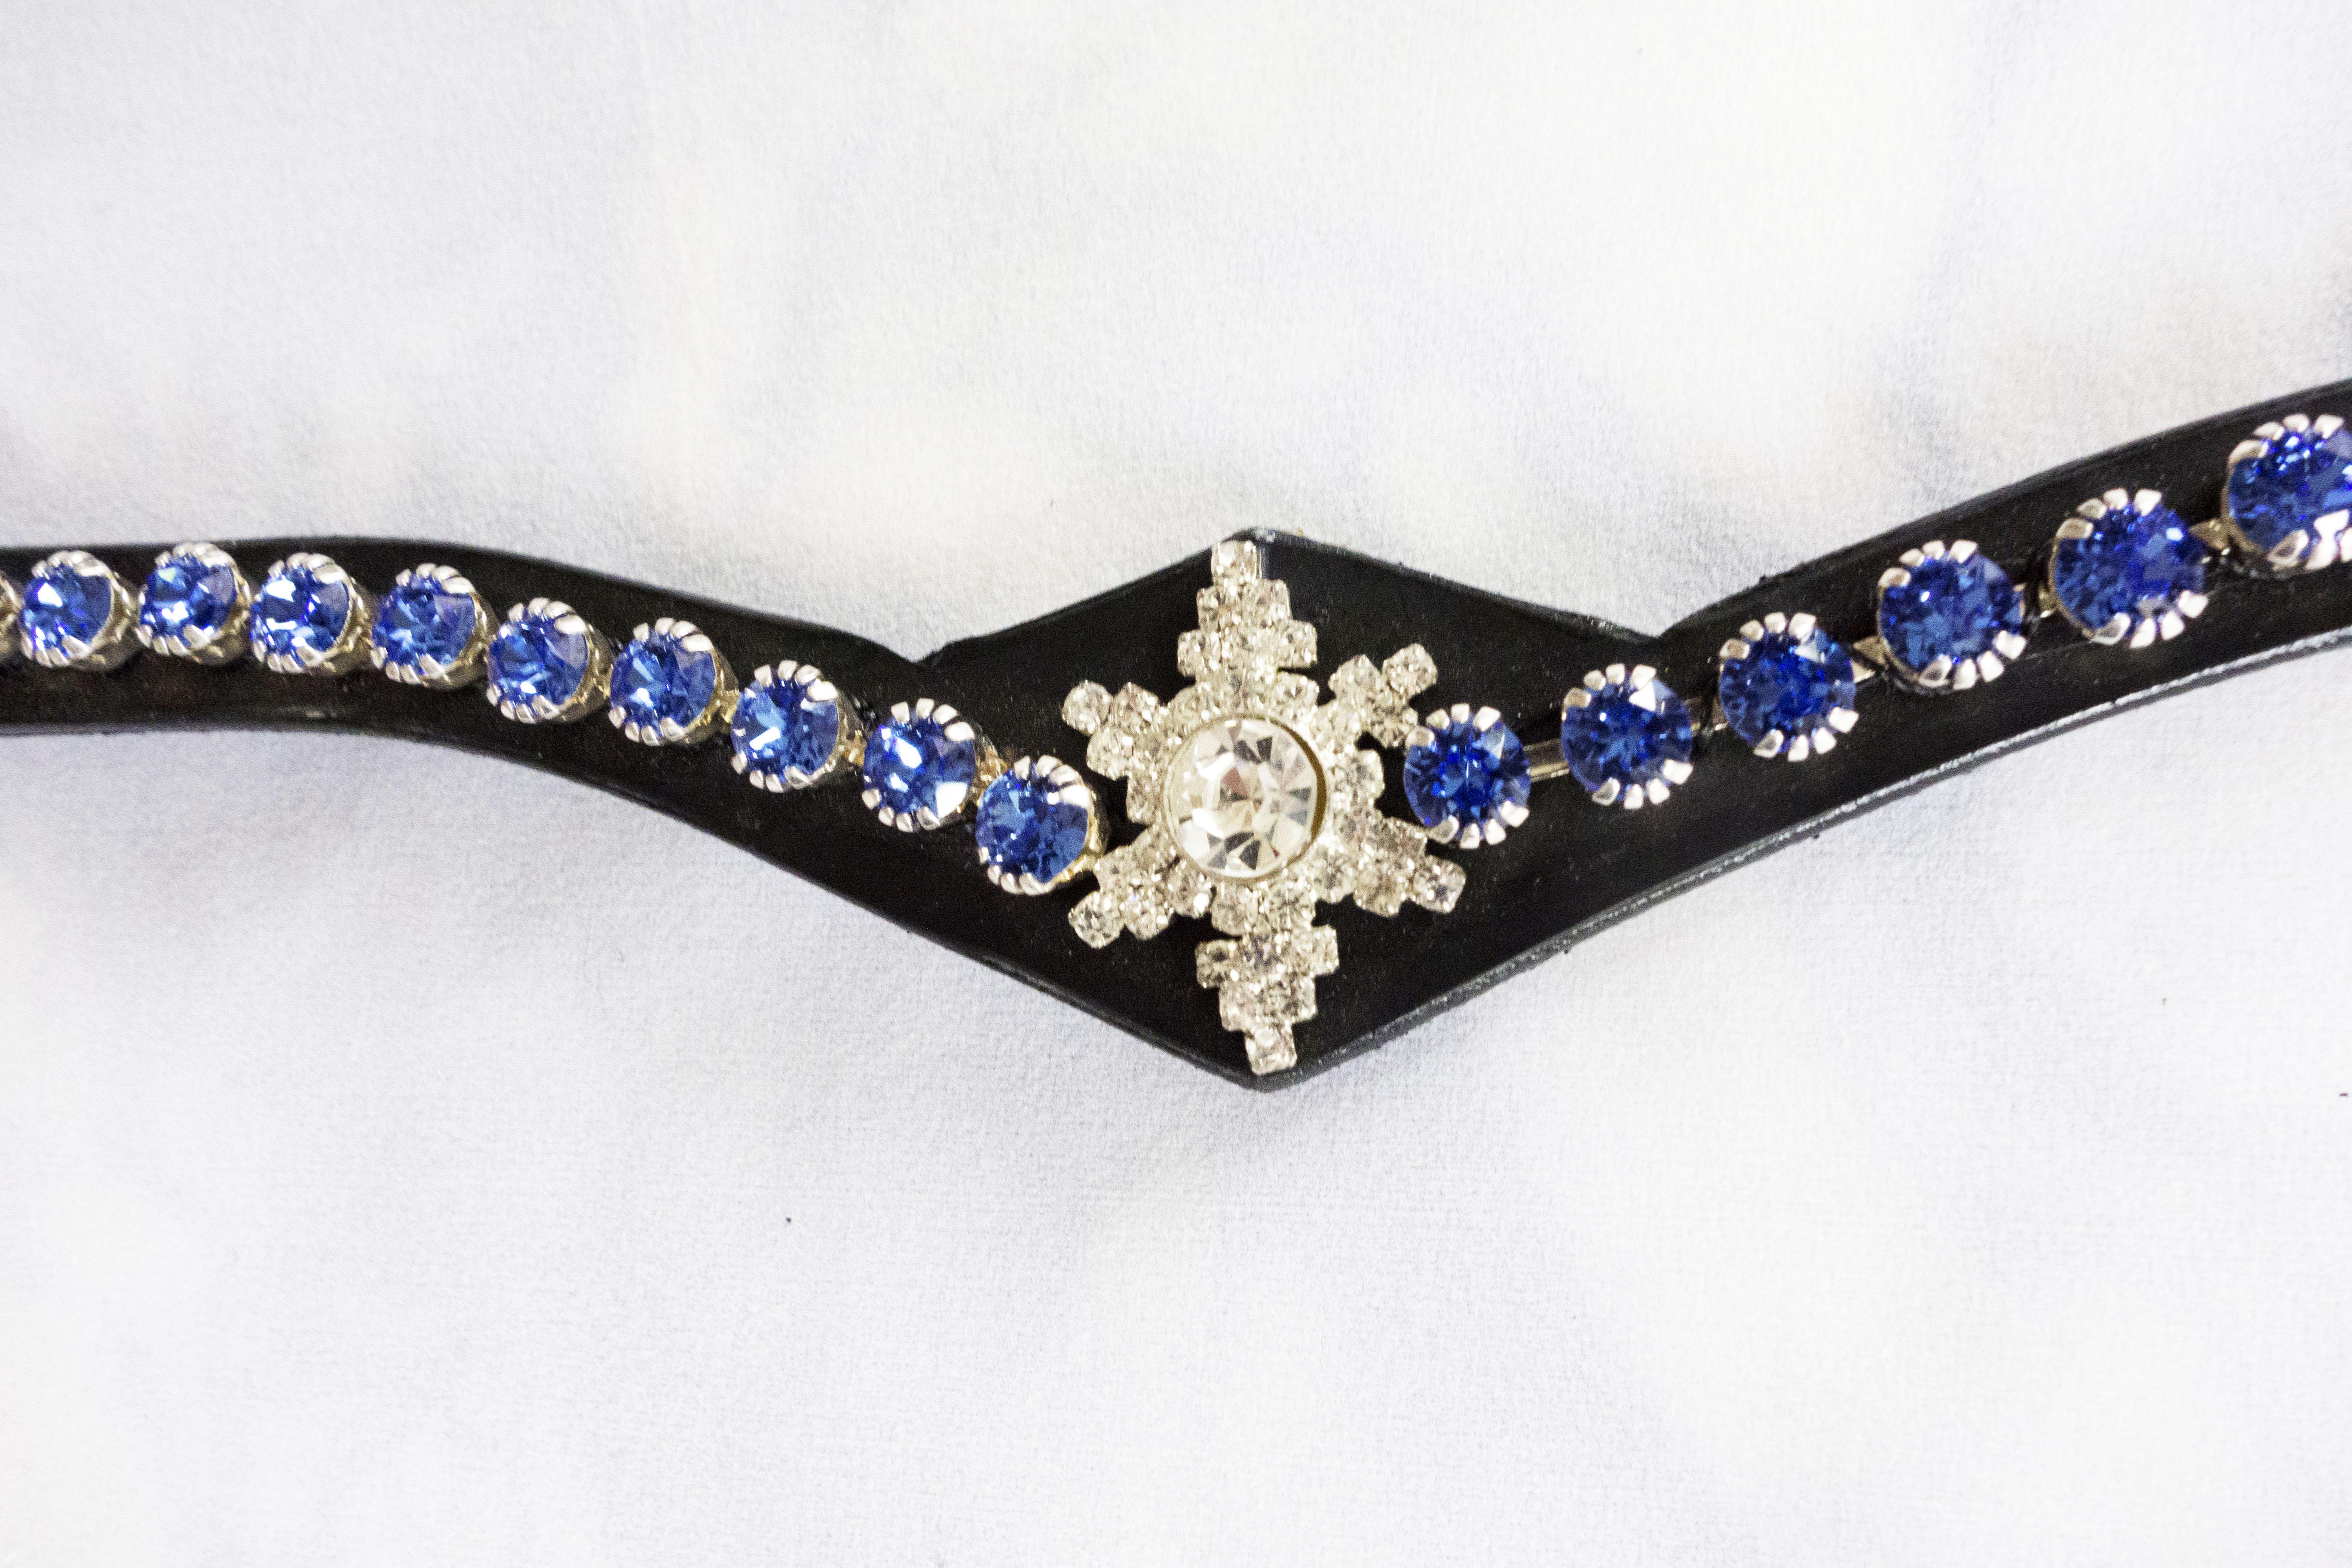 Pannband med stjärna och stora blå stenar